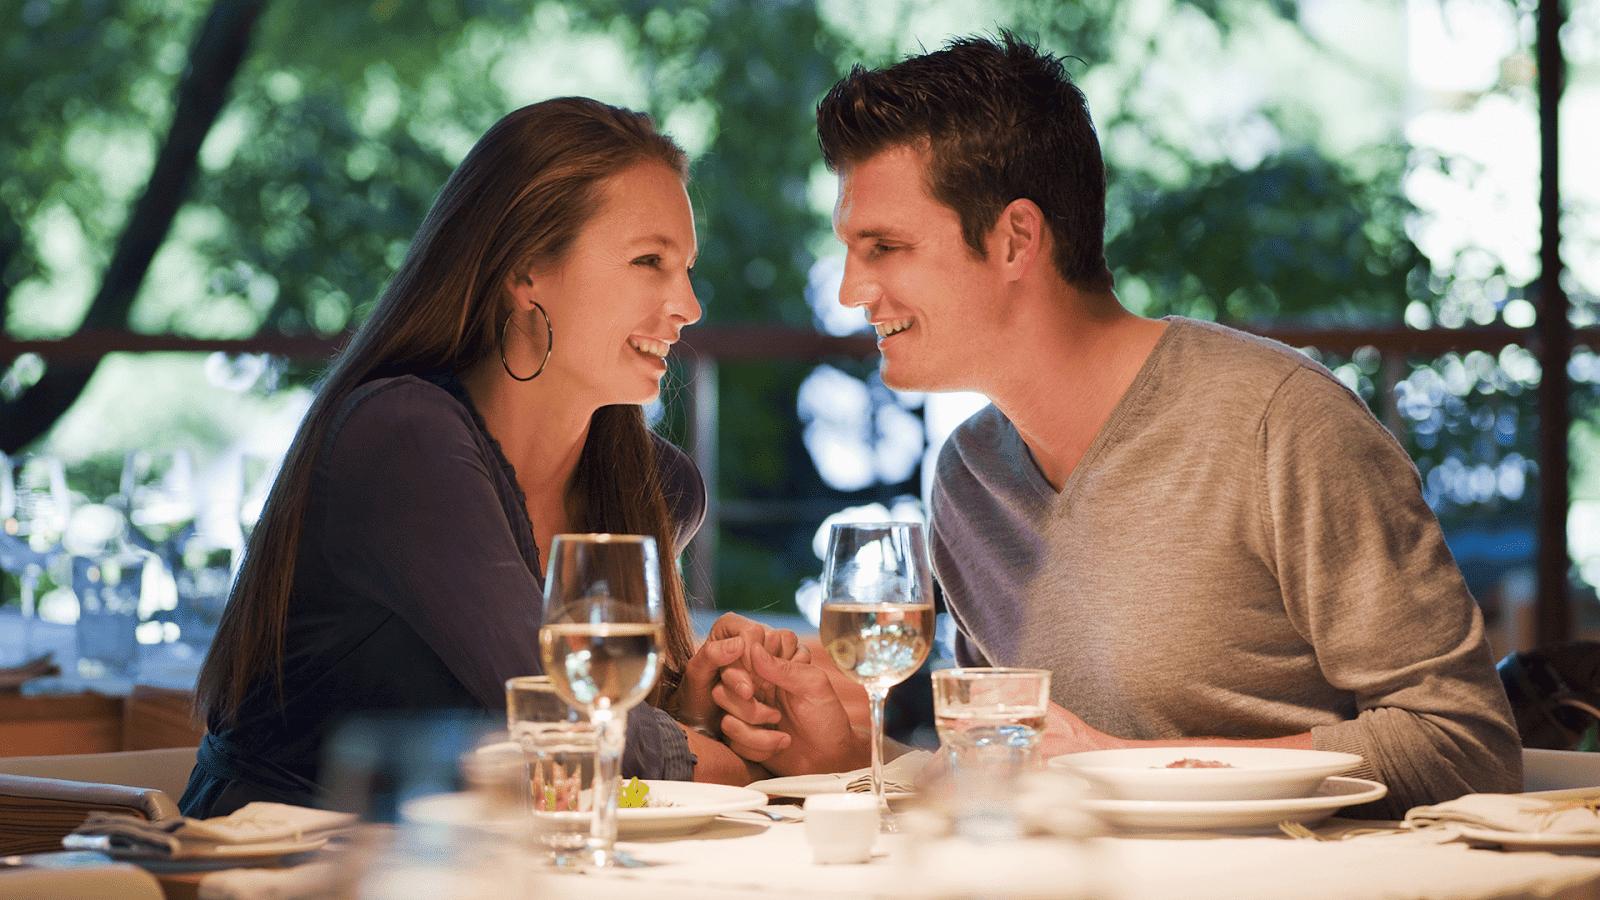 25 cách tỏ tình ngày Valentine hay nhất lãng mạn đốn tim đối phương - V1000